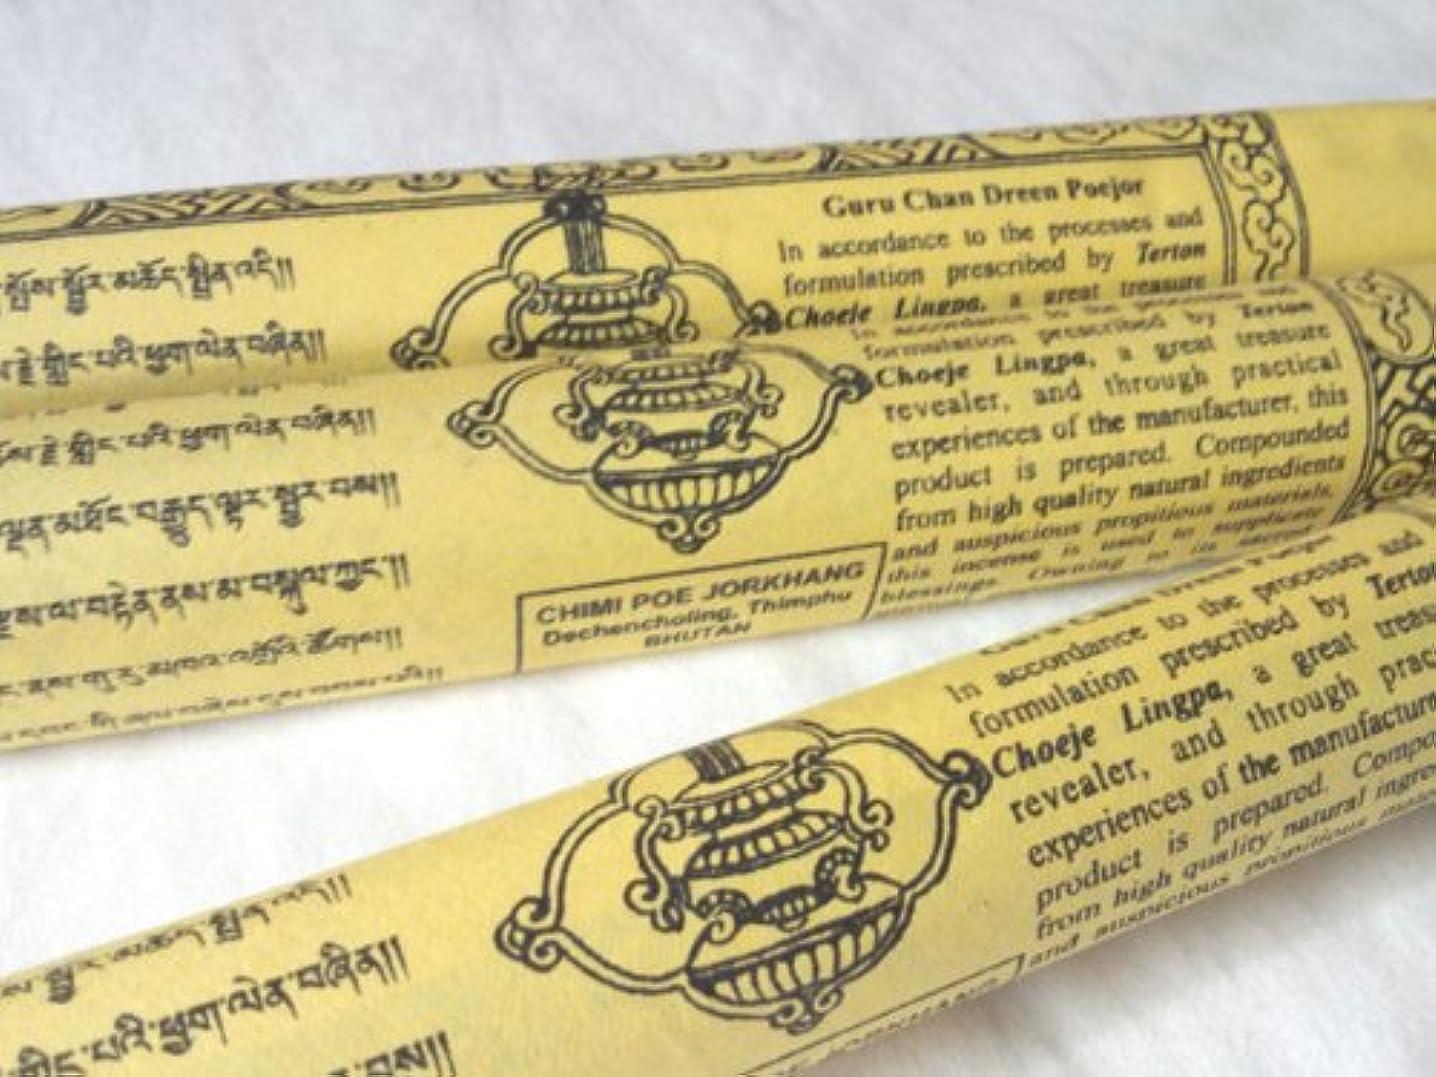 防水十分です計算チミ香/グルチャンダン カラーパッケージ  Guru Chan Dreen Poejor - Color Package 25本入り